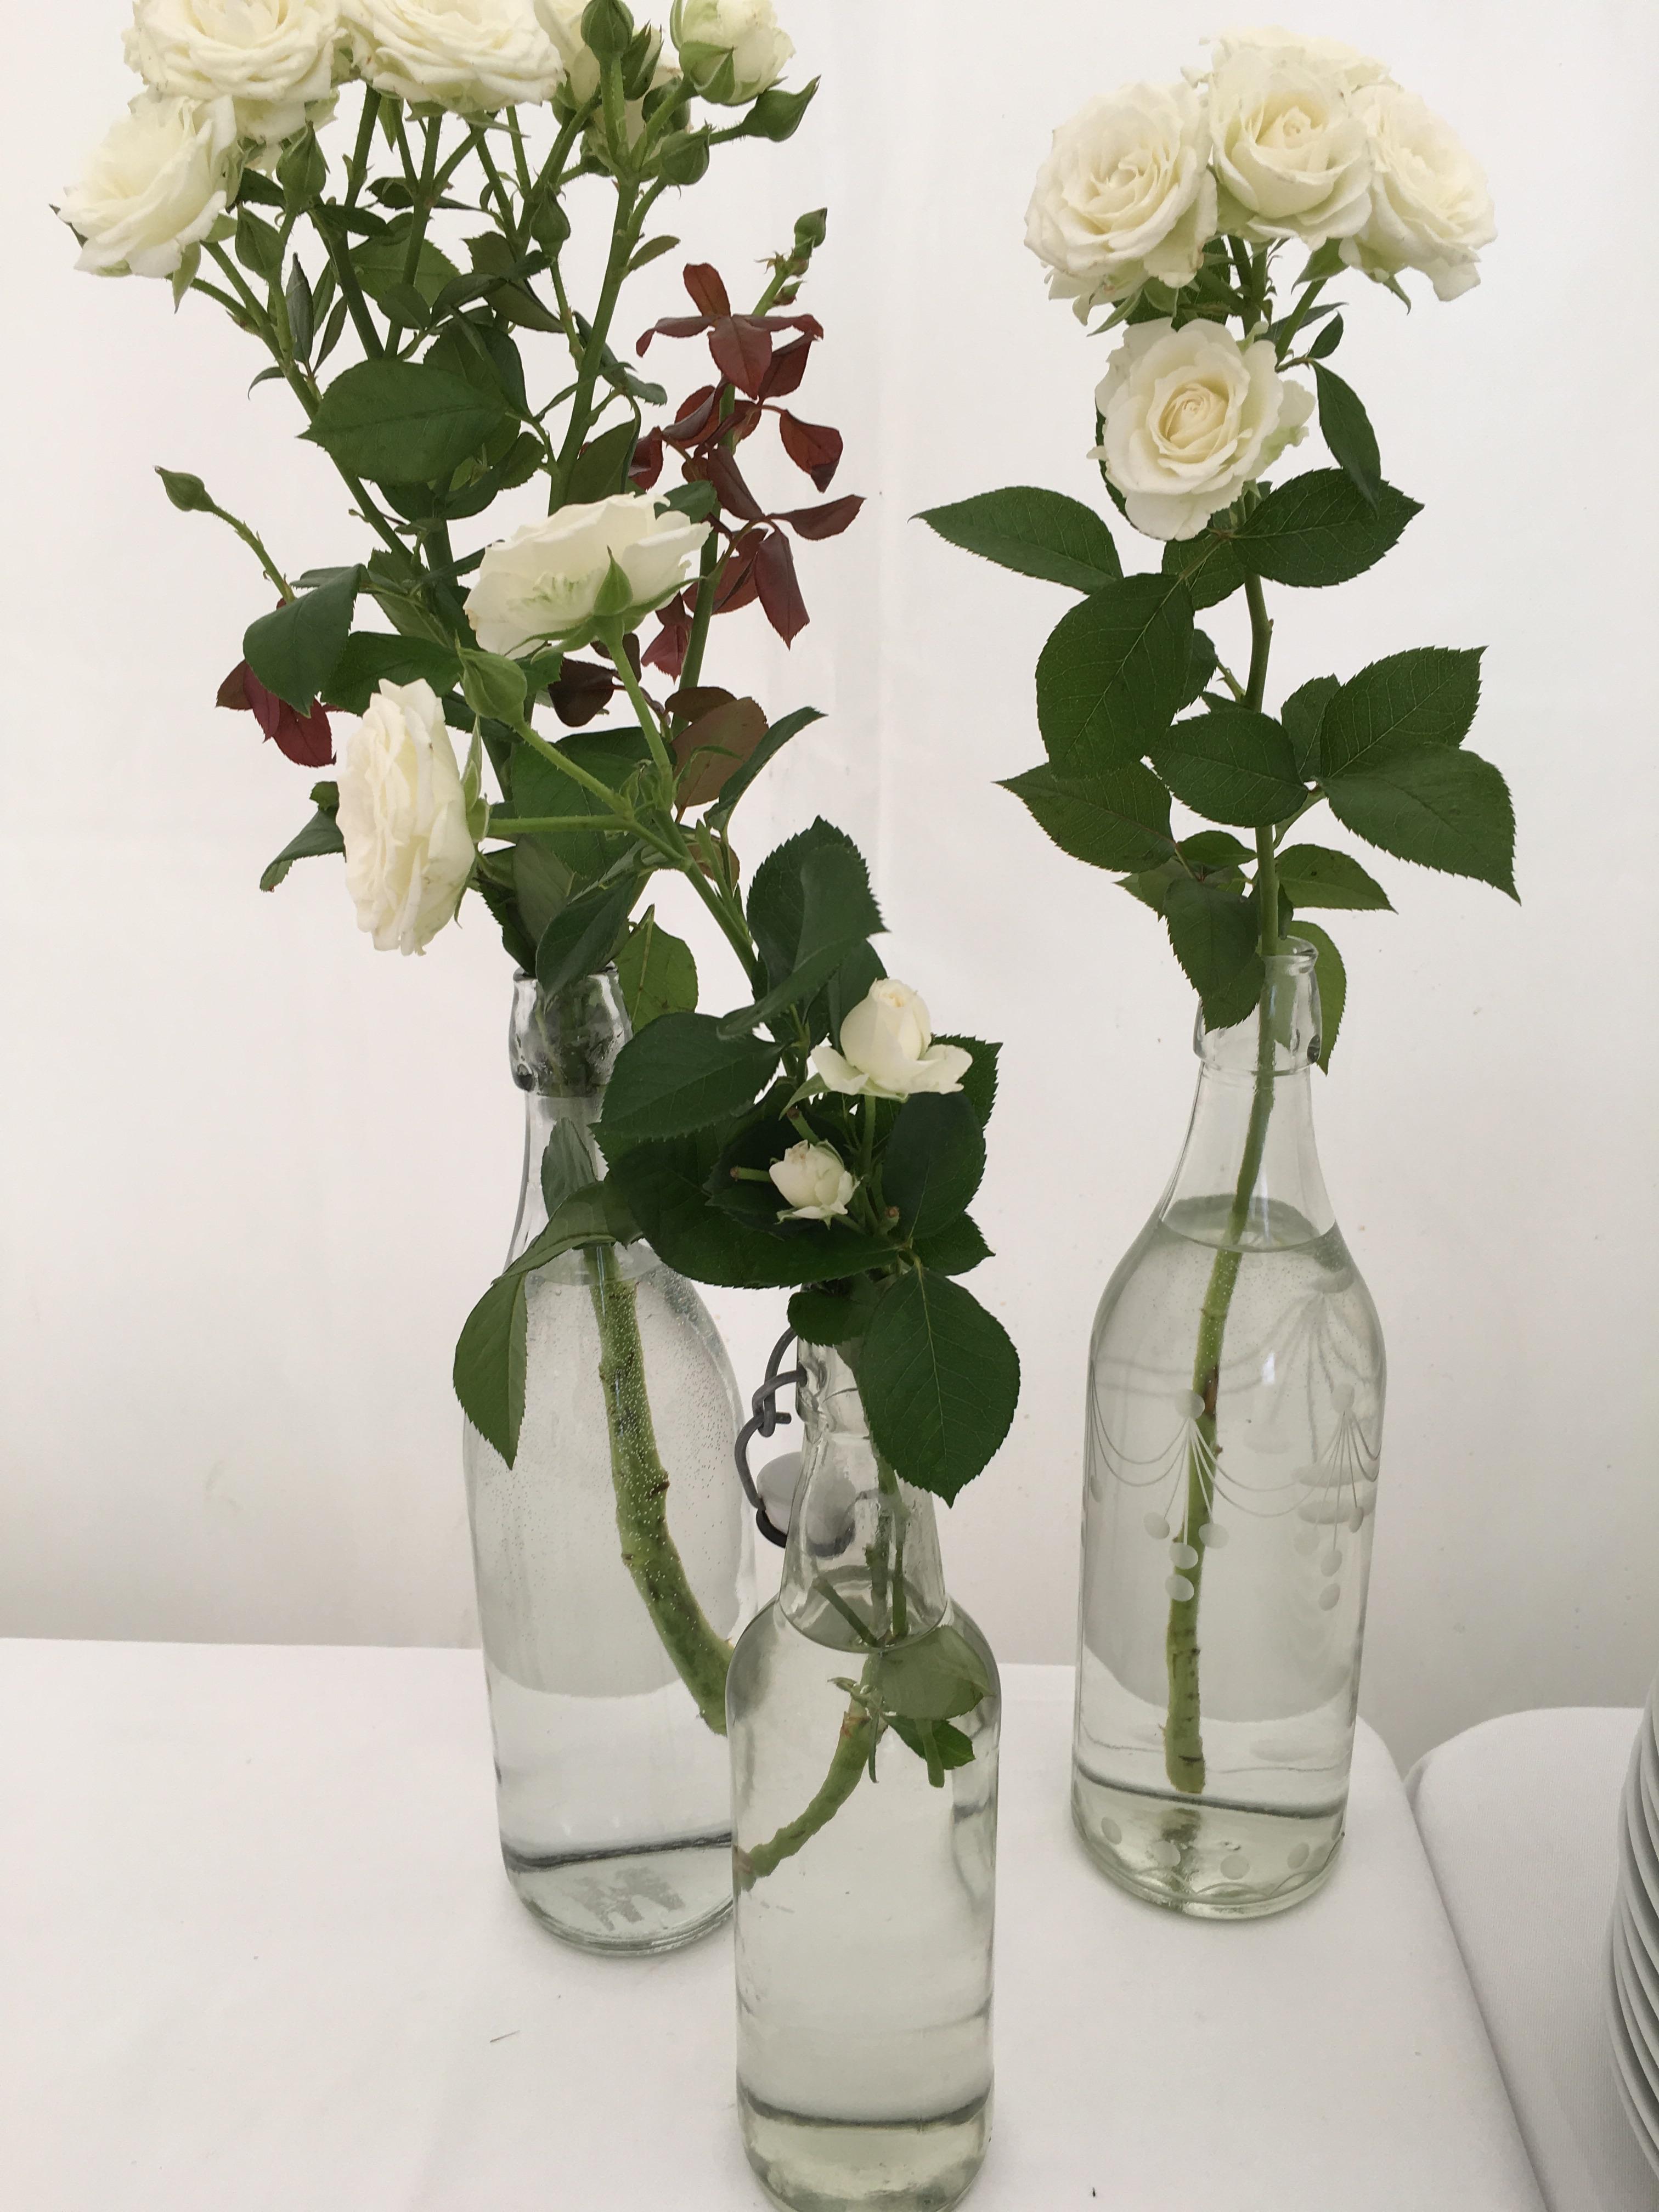 bouteilles et fleurs